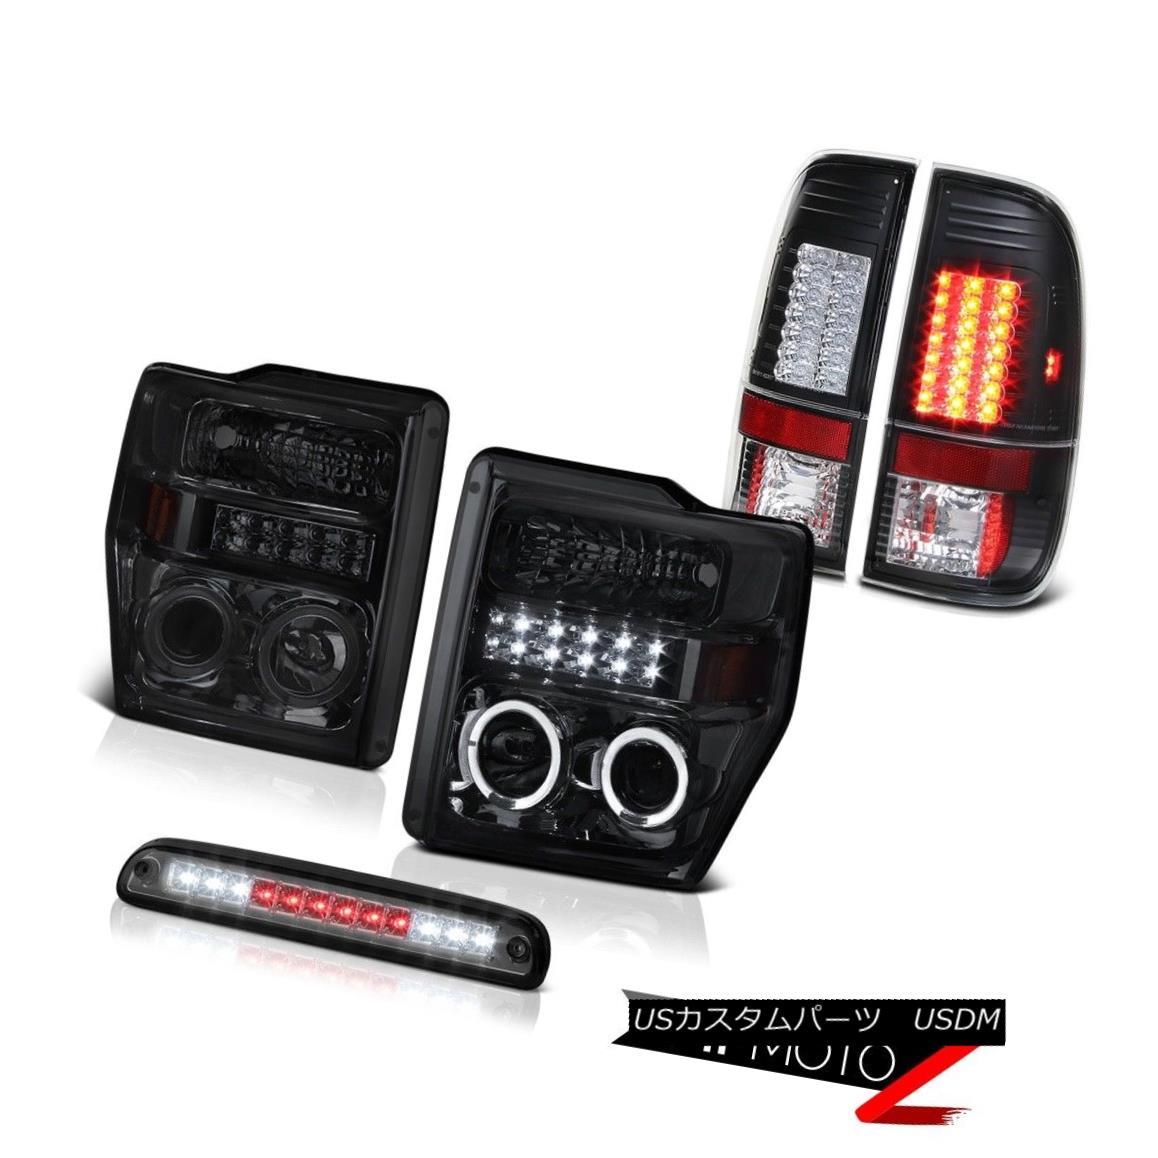 ヘッドライト Projector Smoke Headlight Tinted 3rd Brake LED Bulbs Tail Light 08-10 Ford F250 プロジェクター煙ヘッドライト第3ブレーキLED電球テールライト08-10 Ford F250